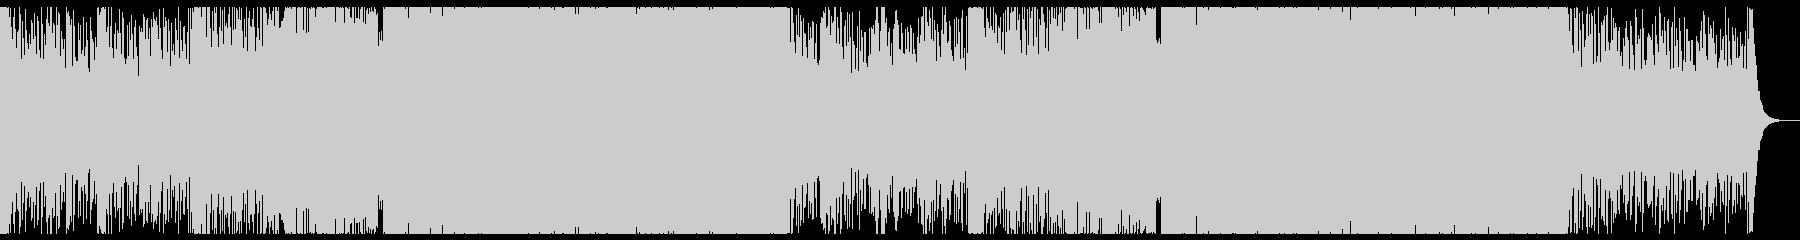 切ないピアノプログレッシブハウス。の未再生の波形